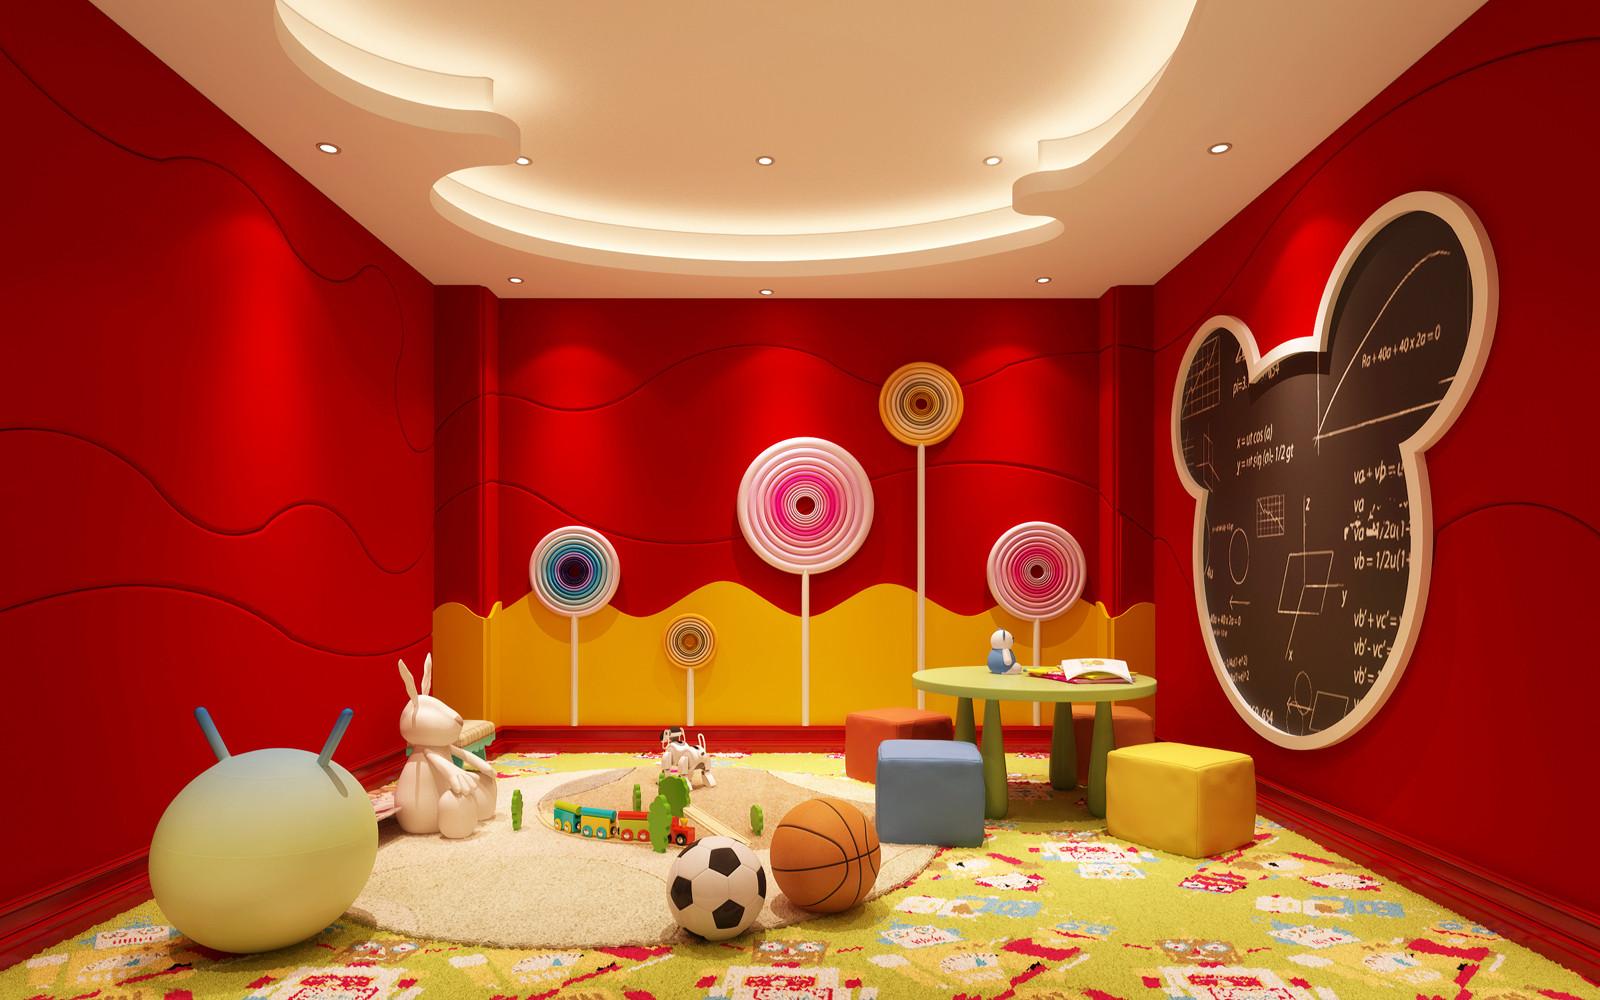 美式别墅装修儿童娱乐室设计图